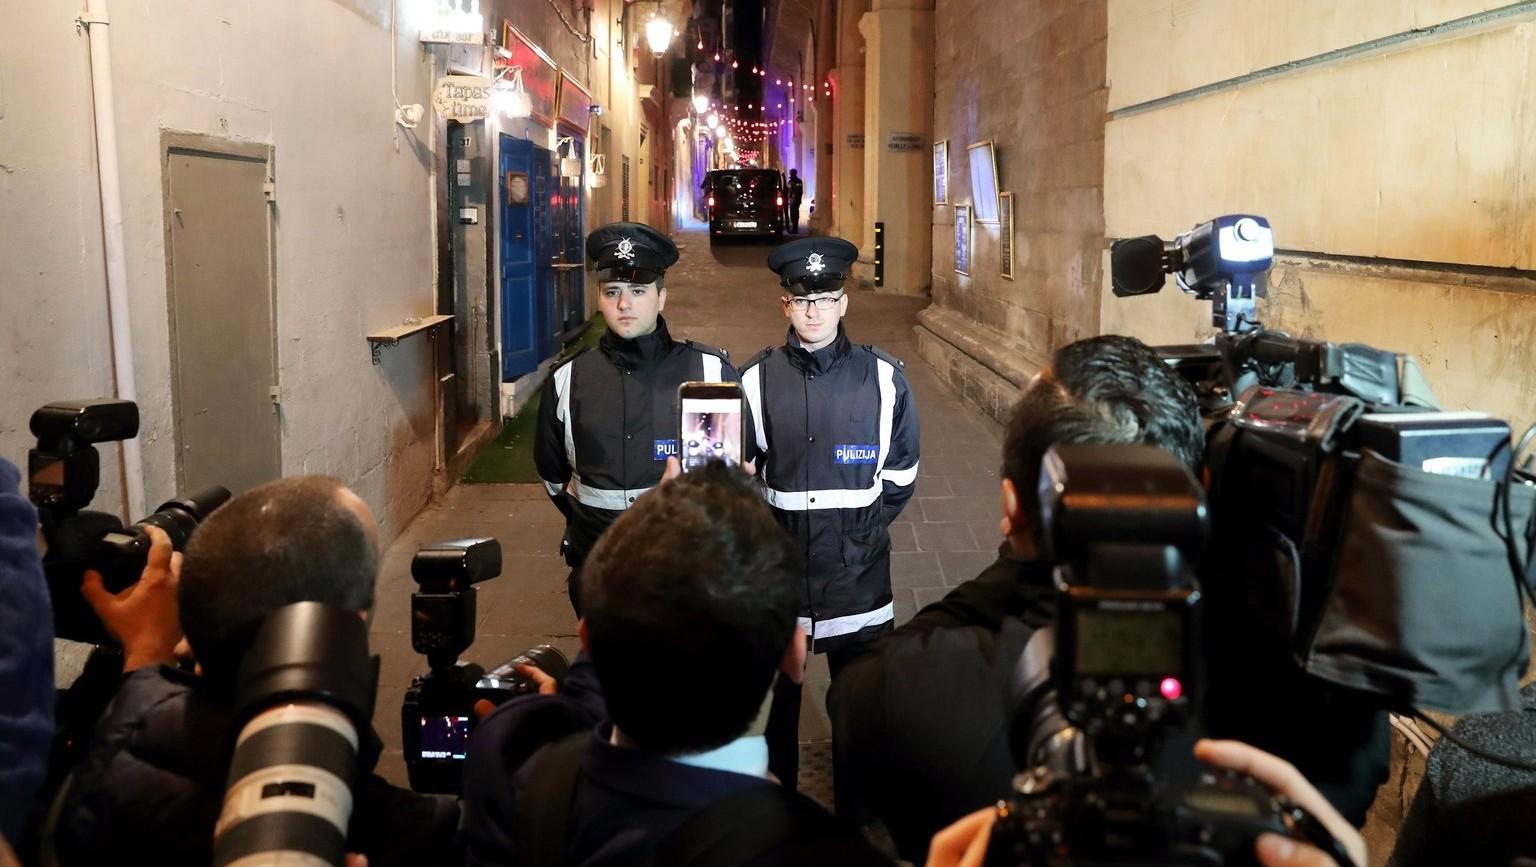 Rendőrök a meggyilkolt Daphne Caruana Galizia máltai újságírónő ügyében eljáró bíróság épületénél Vallettában 2017. december 5-én (Fotó: MTI/EPA/Domenic Aquilina)